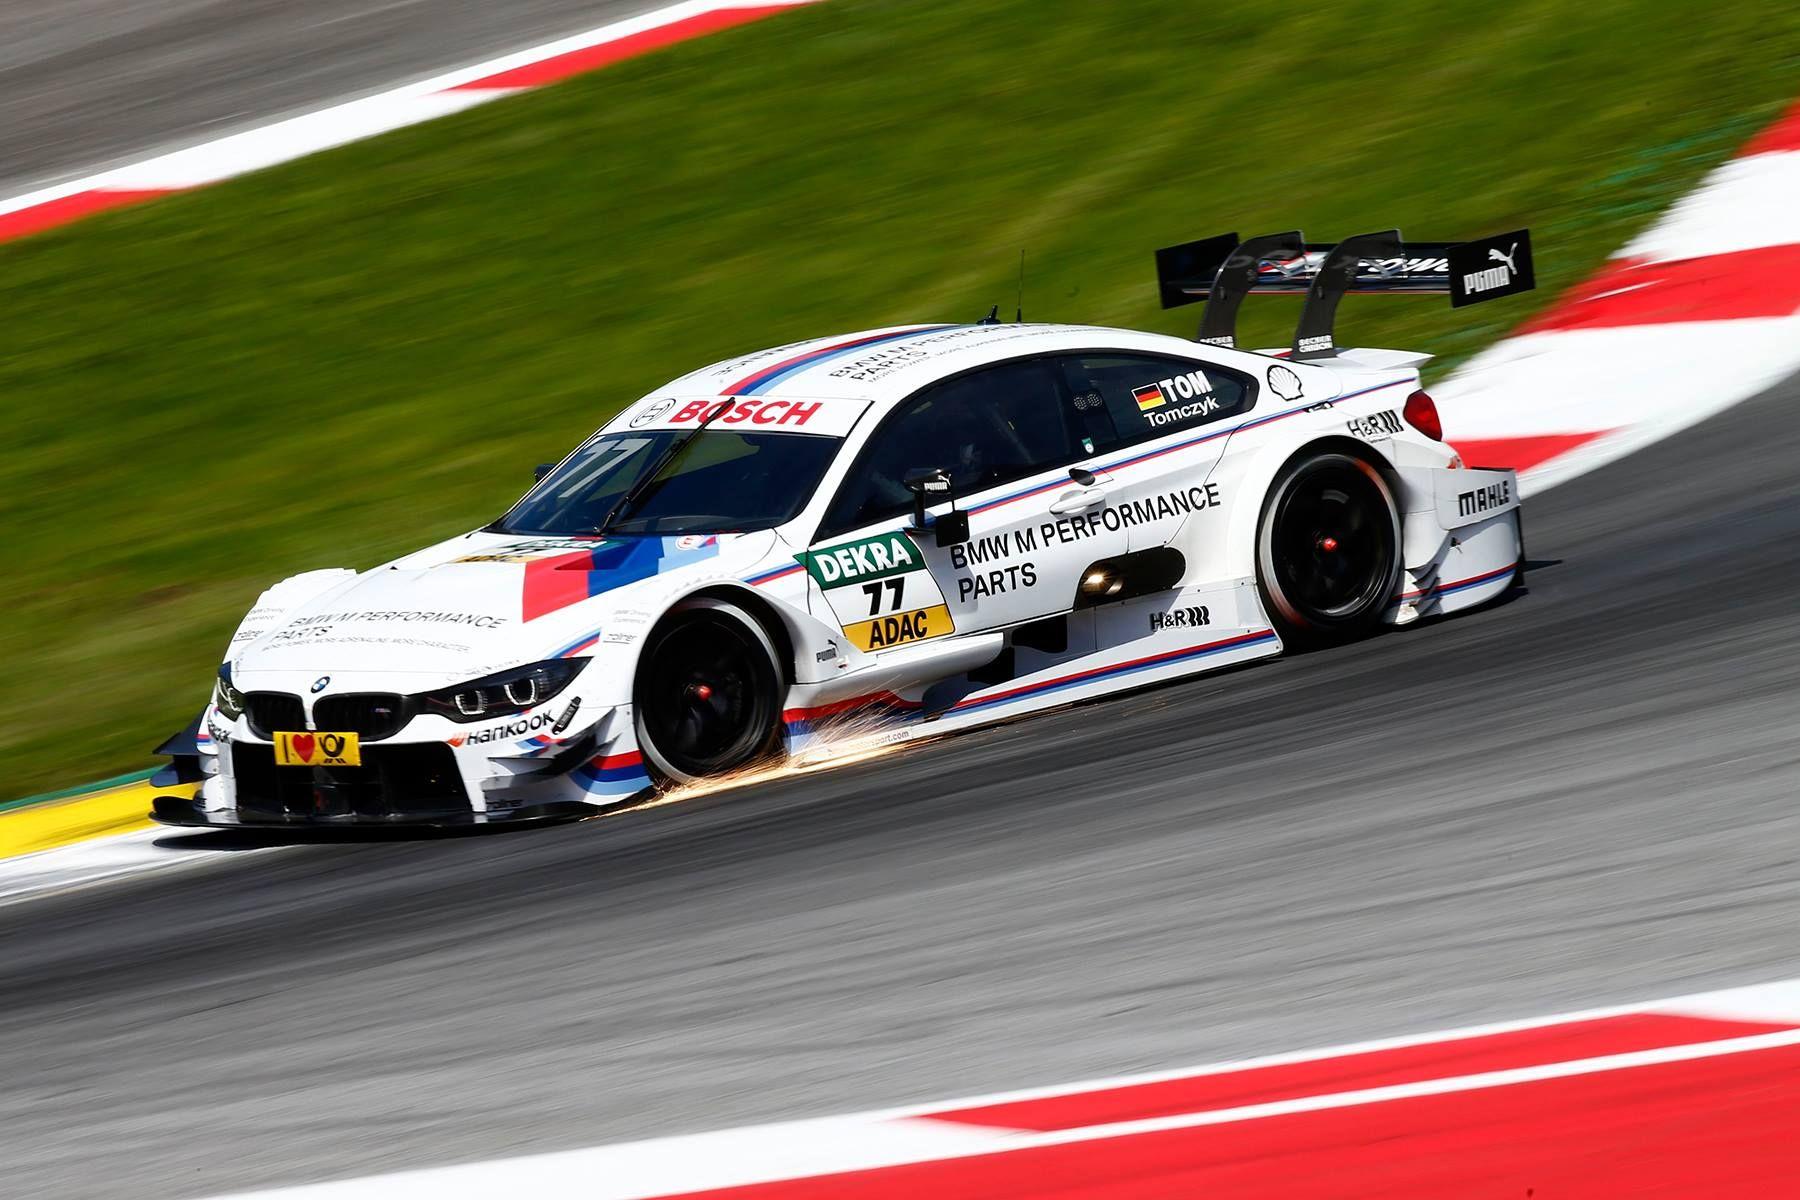 Martin Tomczyk Cars series, Bmw, Sports car